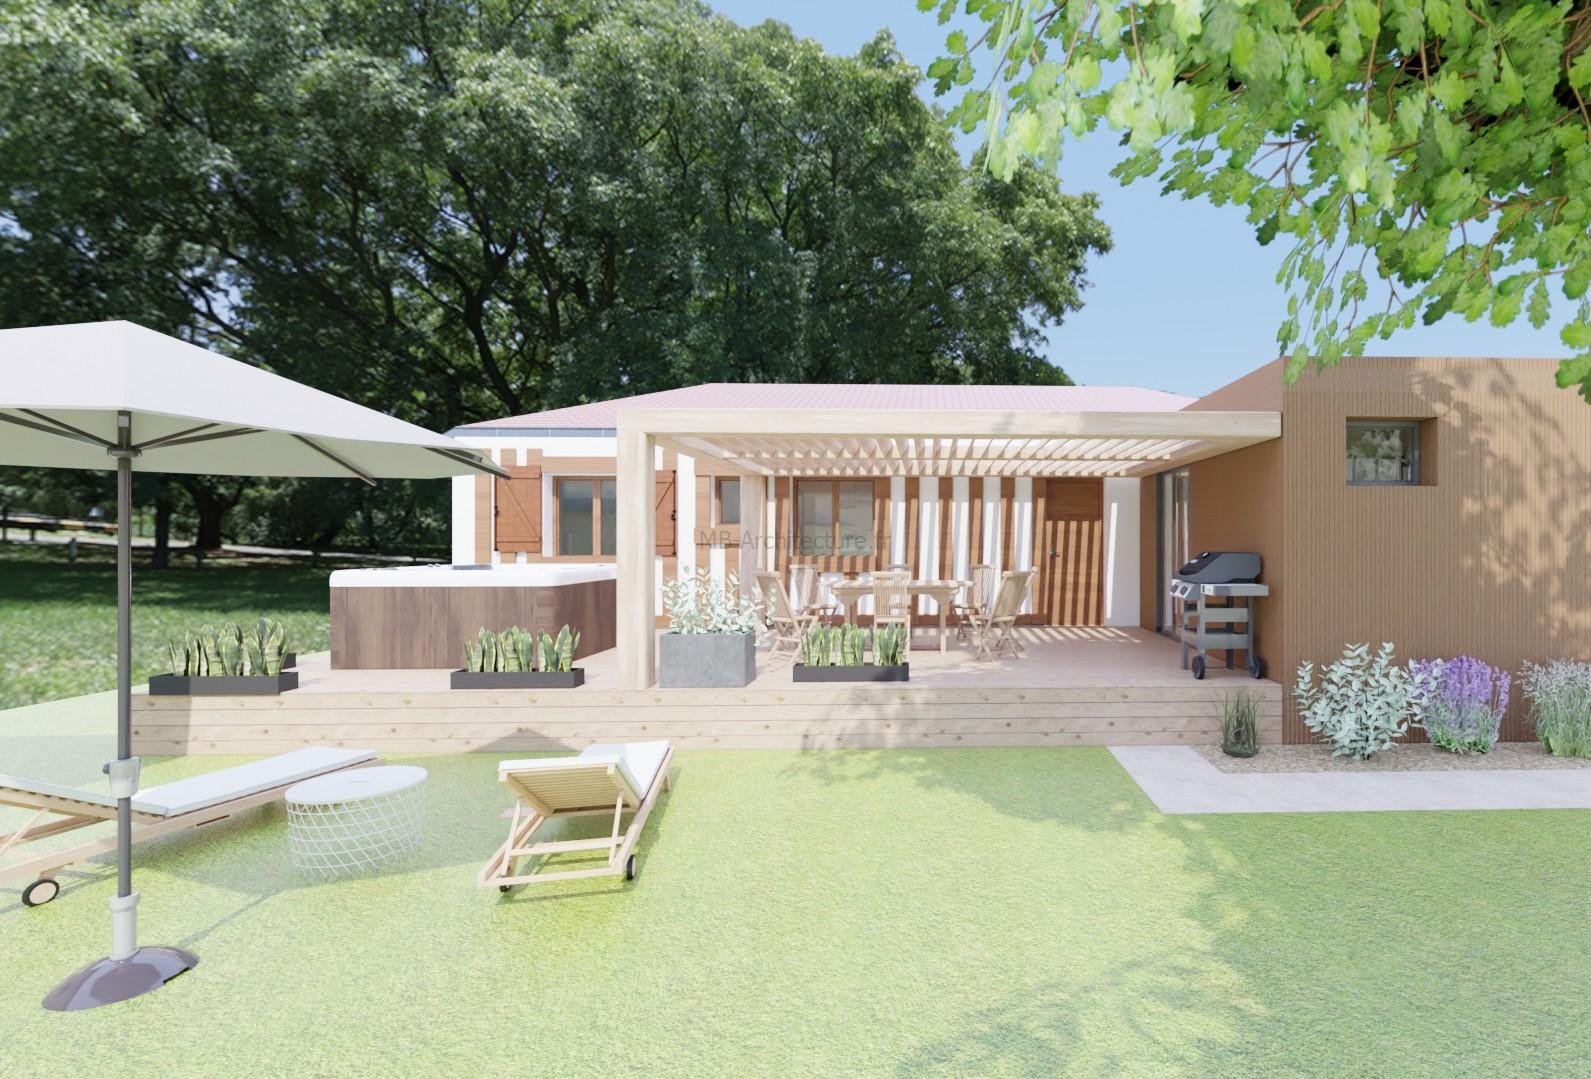 maison landaise avec extension bois